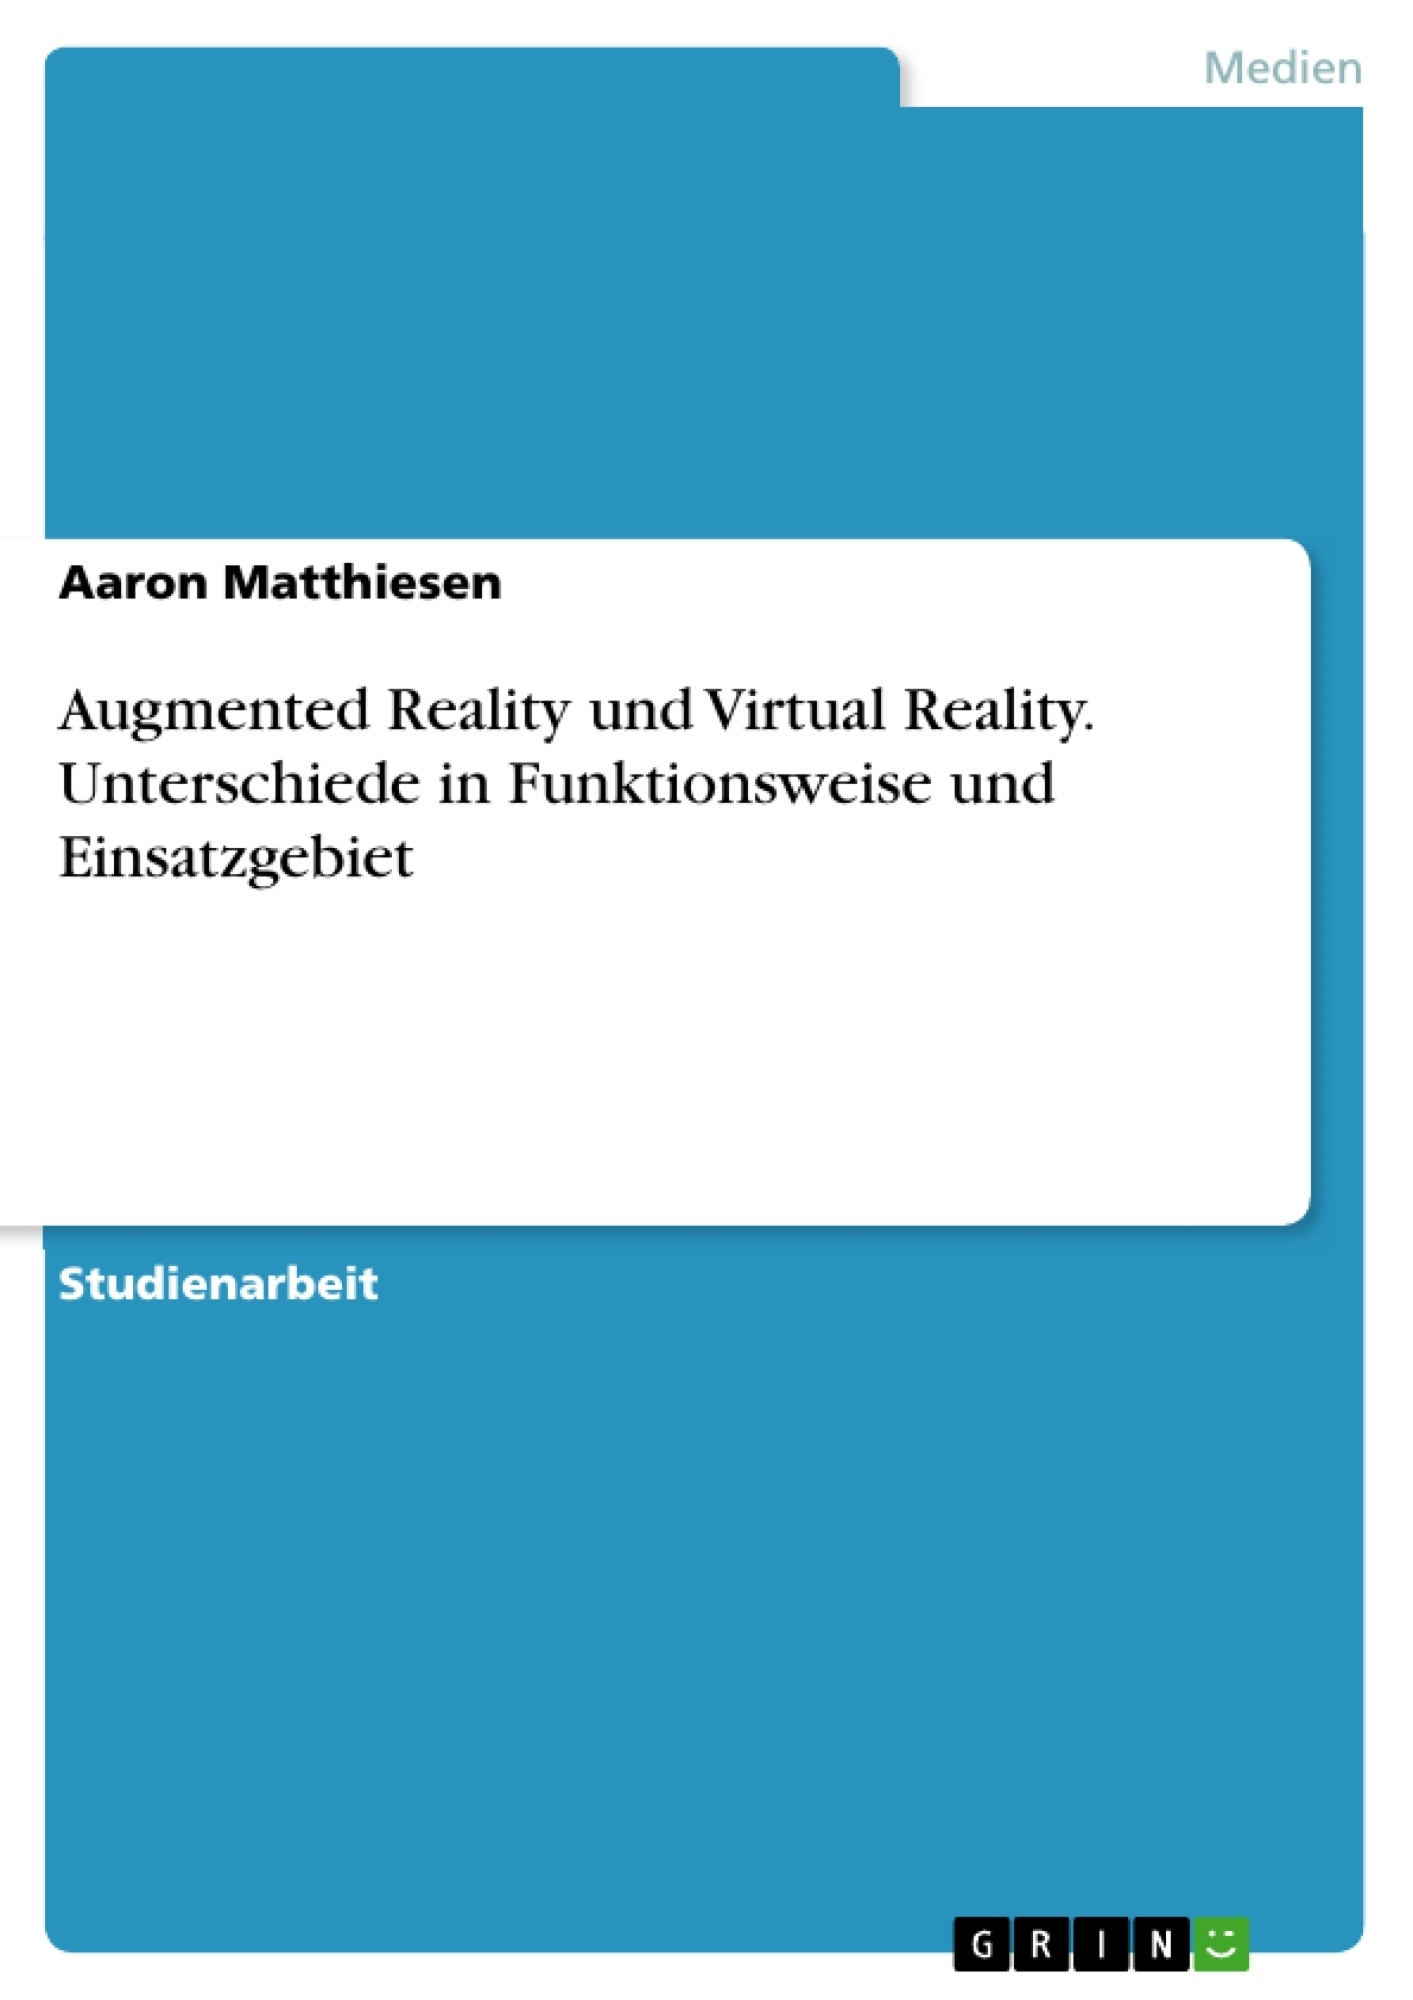 Titel: Augmented Reality und Virtual Reality. Unterschiede in Funktionsweise und Einsatzgebiet